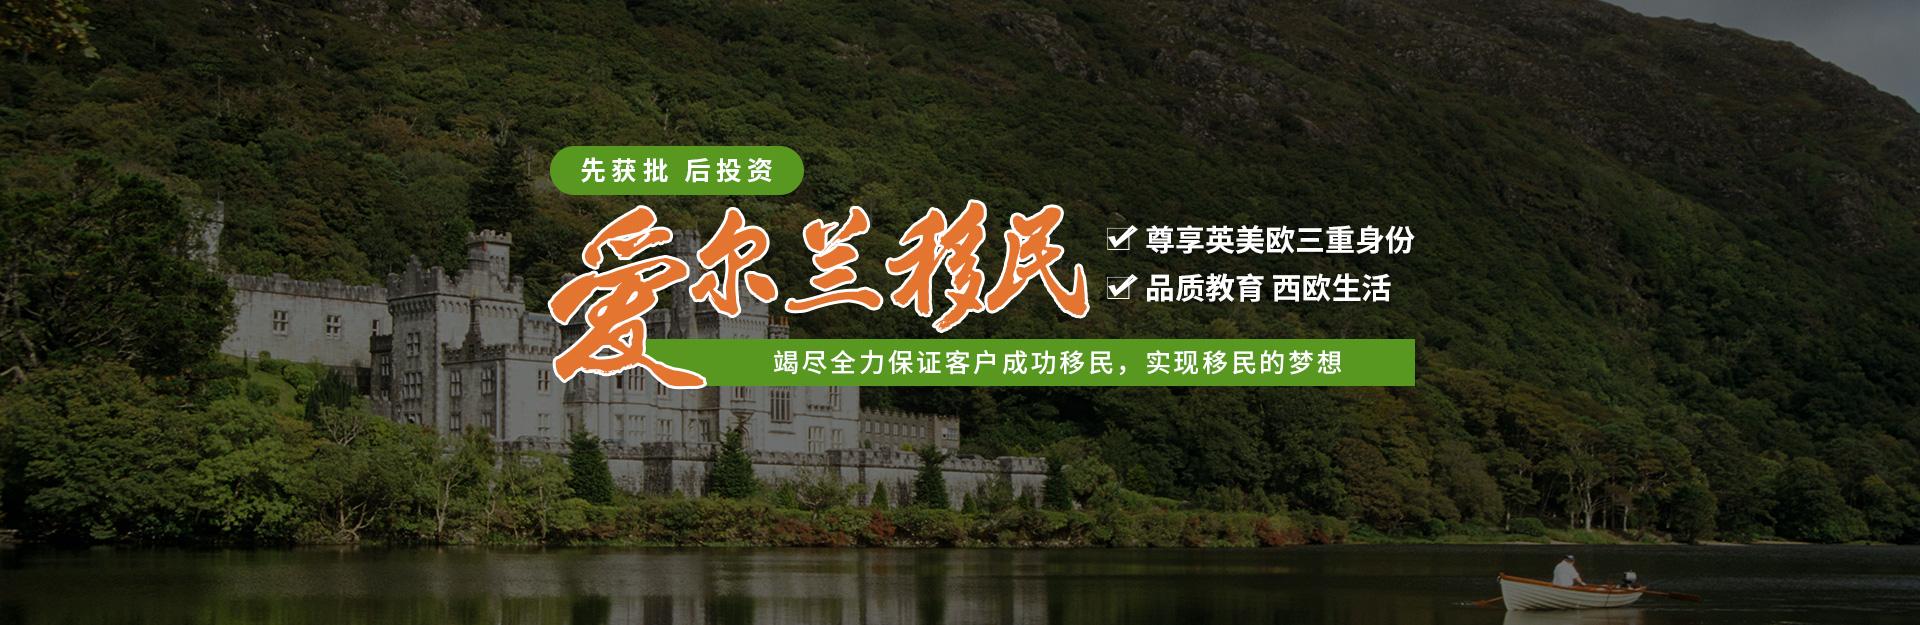 上海加成因私出入境服务有限公司